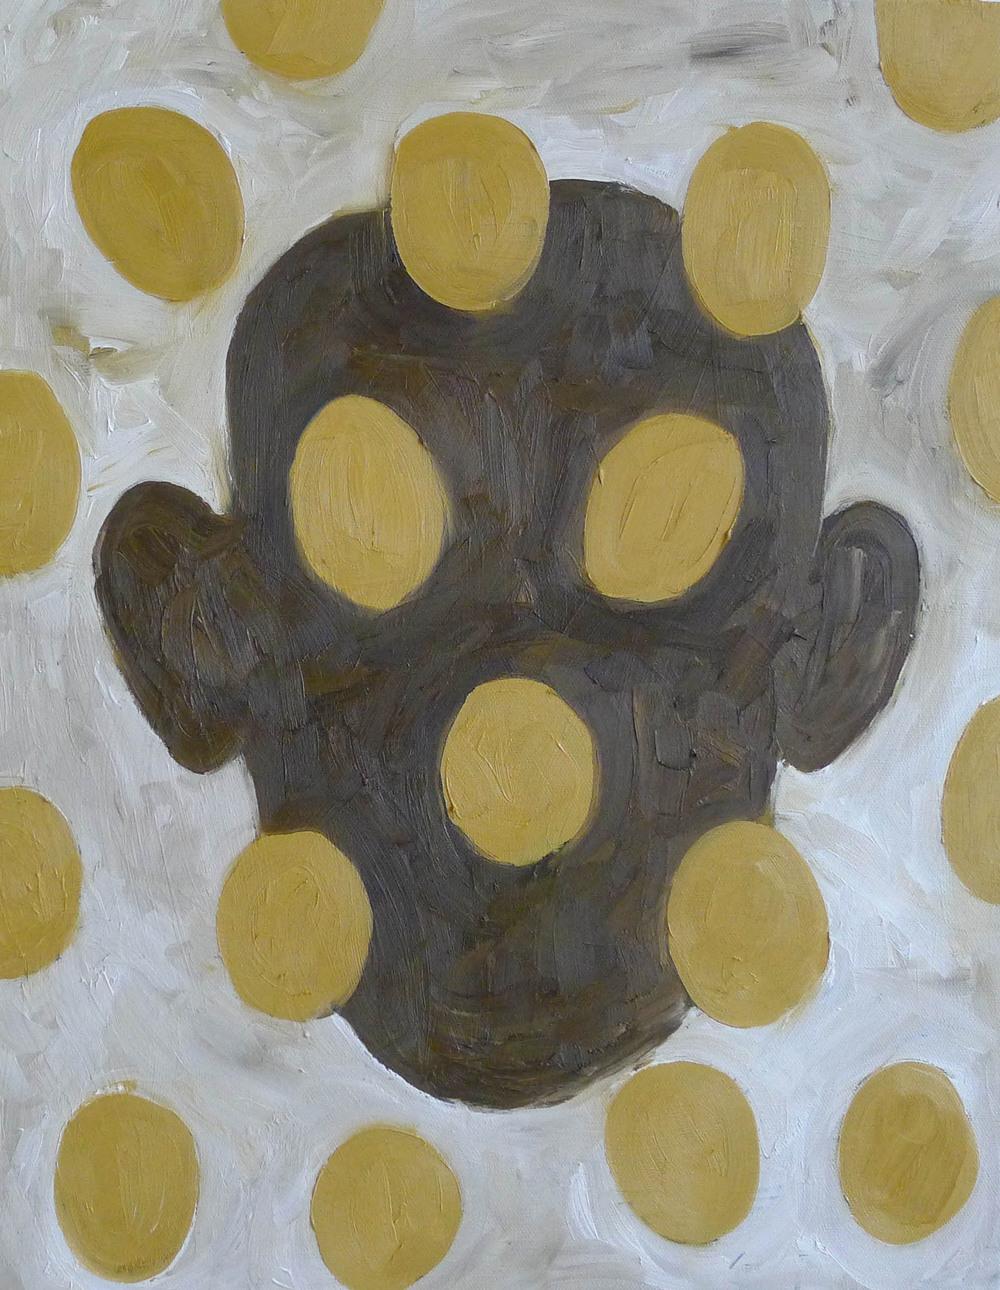 Head (Mustard)